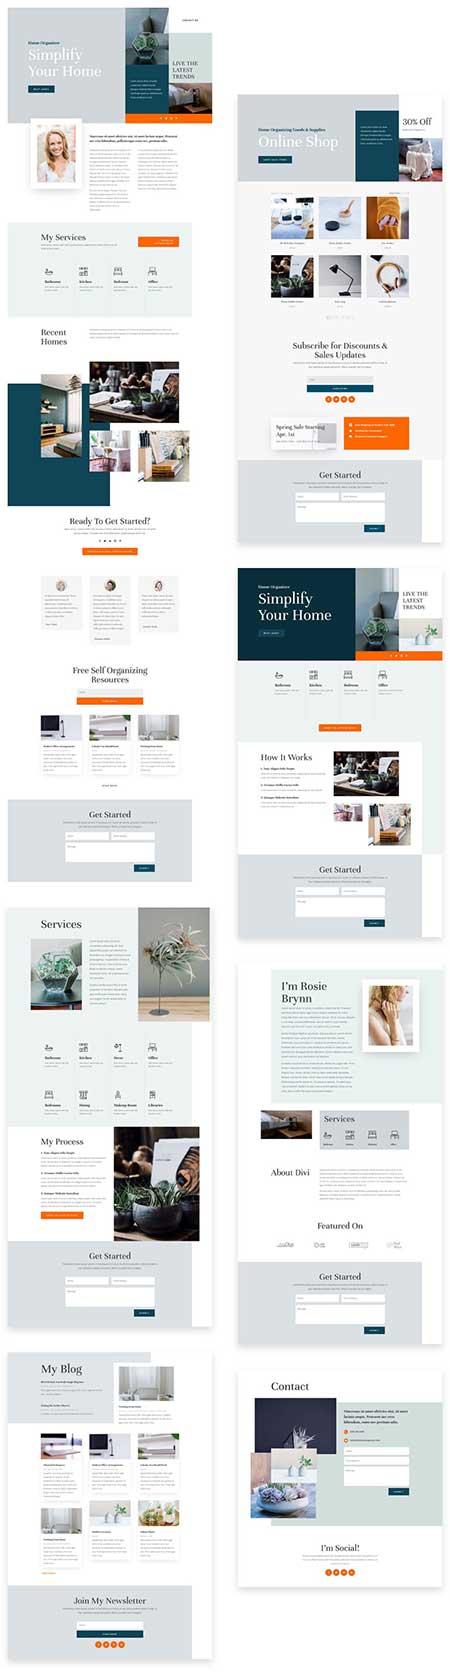 Divi home organizer layout